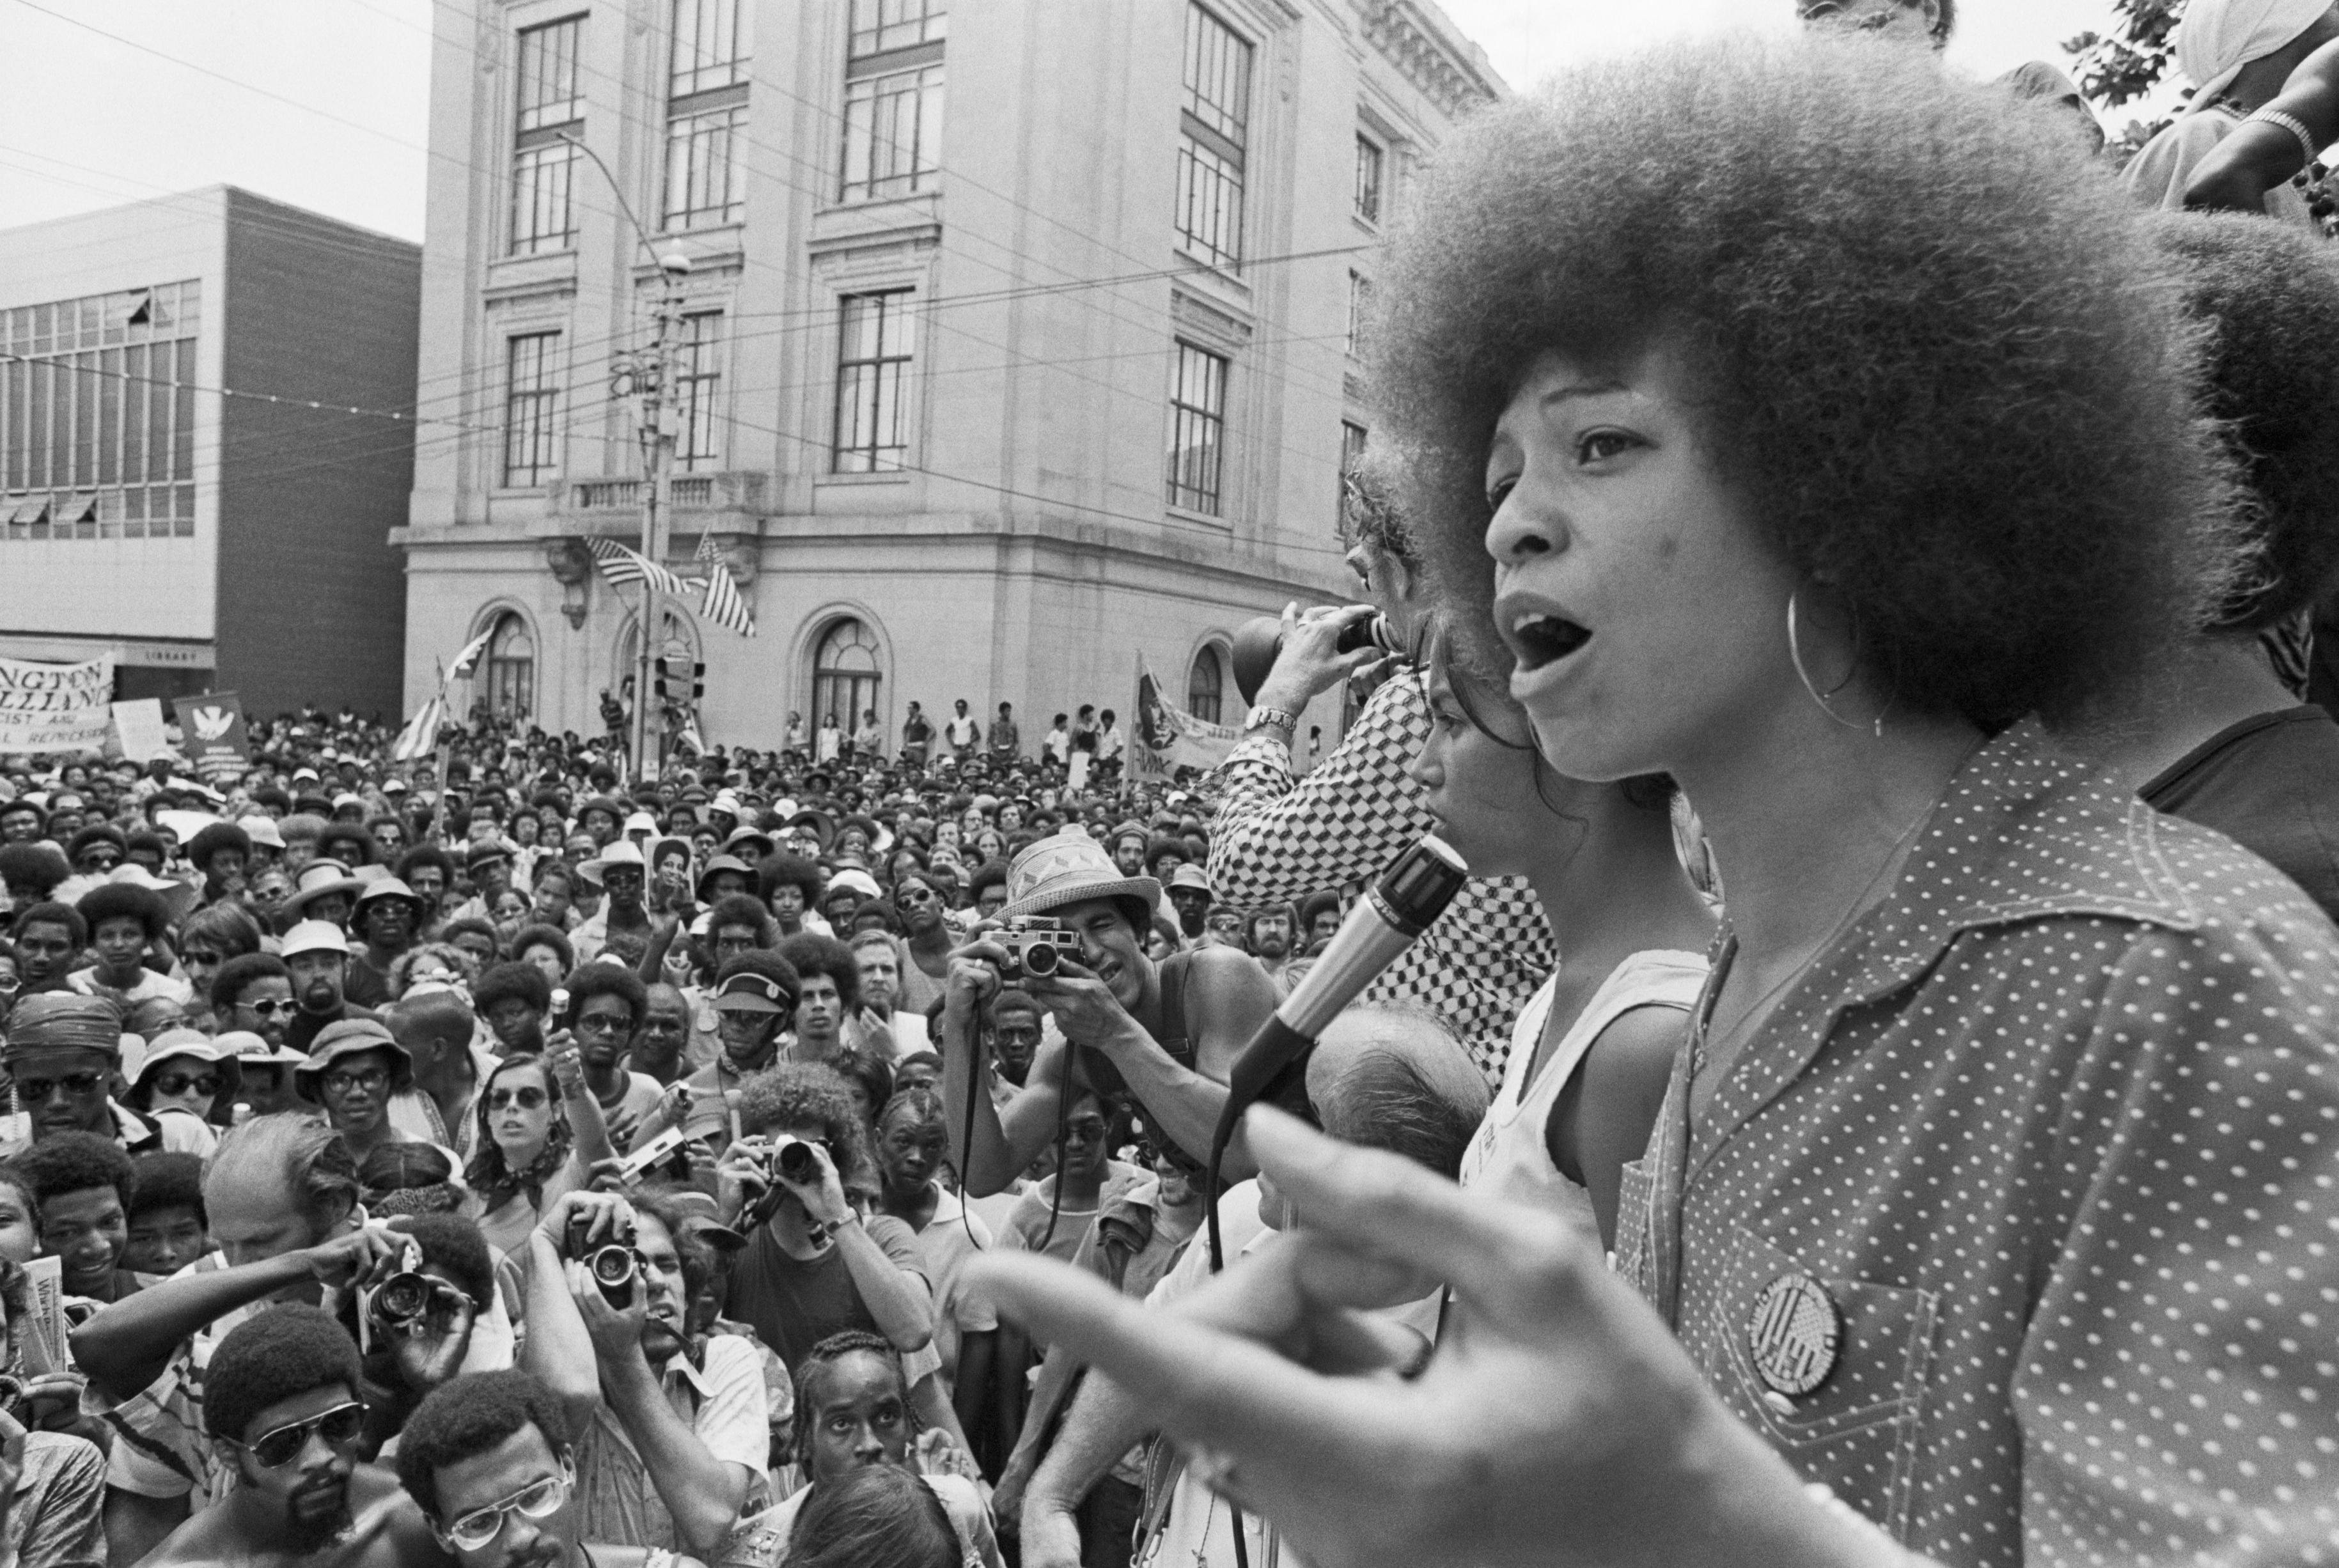 Angela Davis, à direita, discursando para um público em 1974. A foto é em preto e branco.